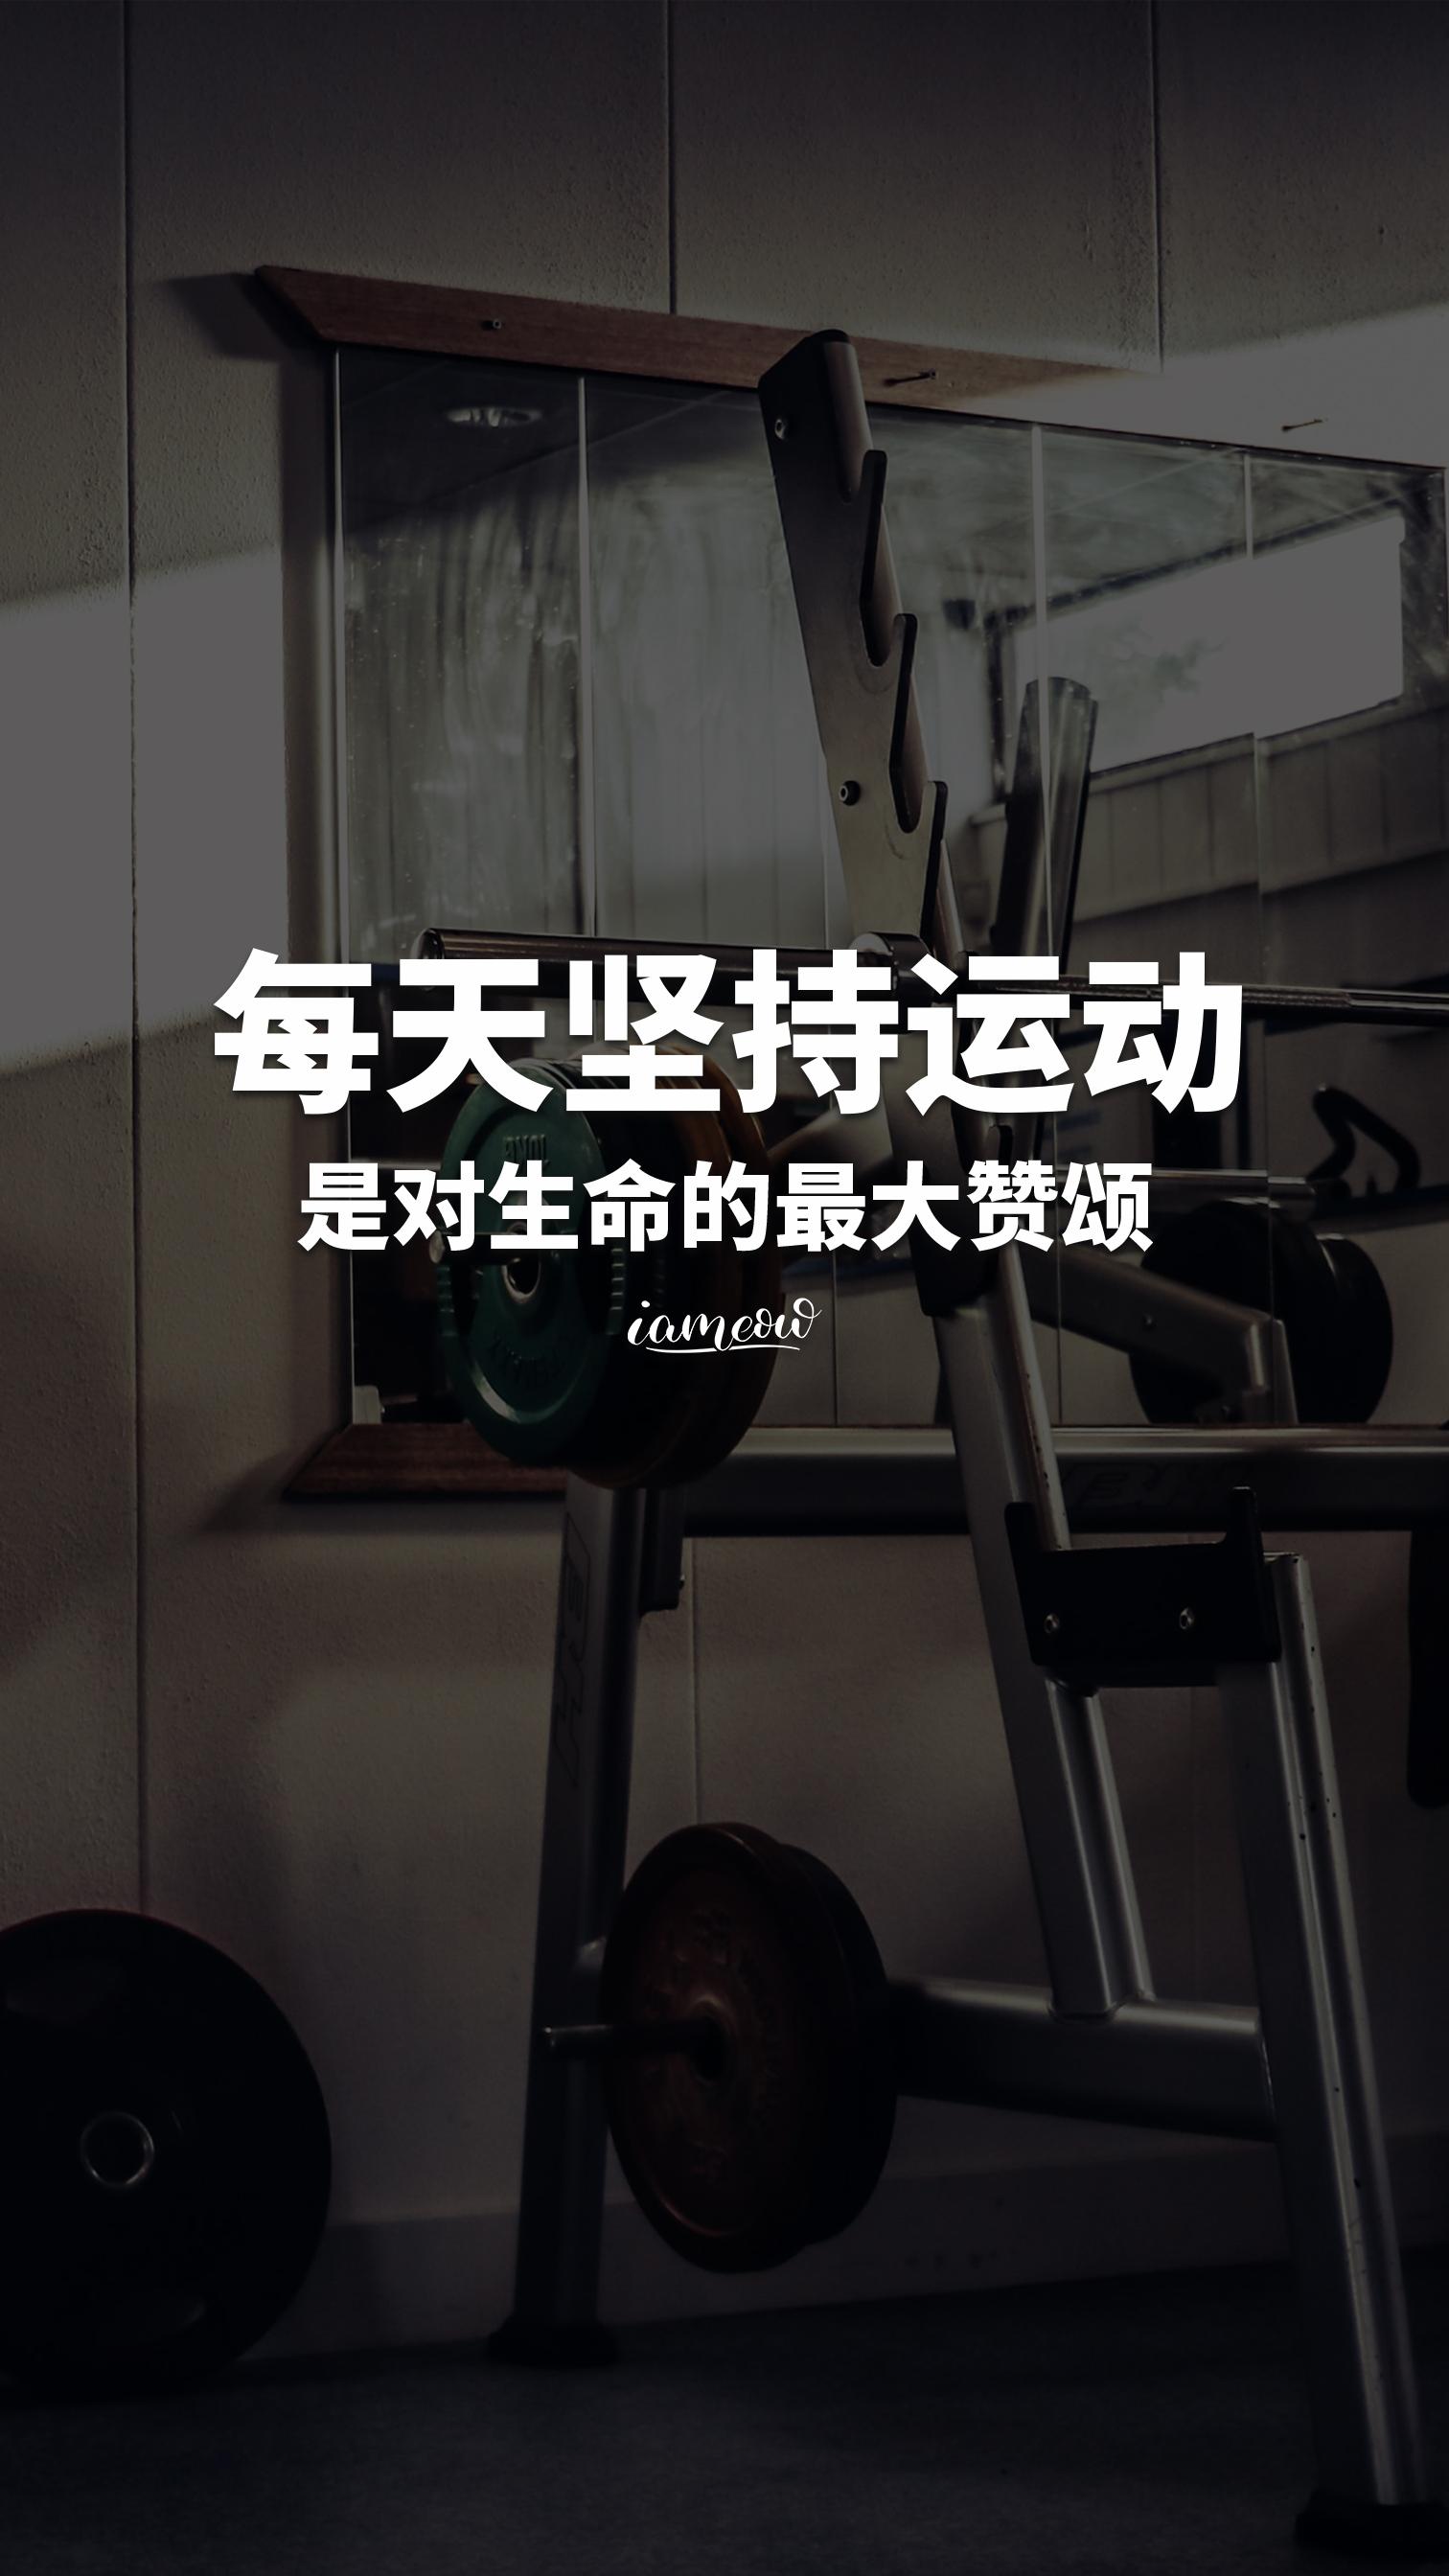 运动健身励志正能量文字图片,减肥瘦身激励带字图片海报大全